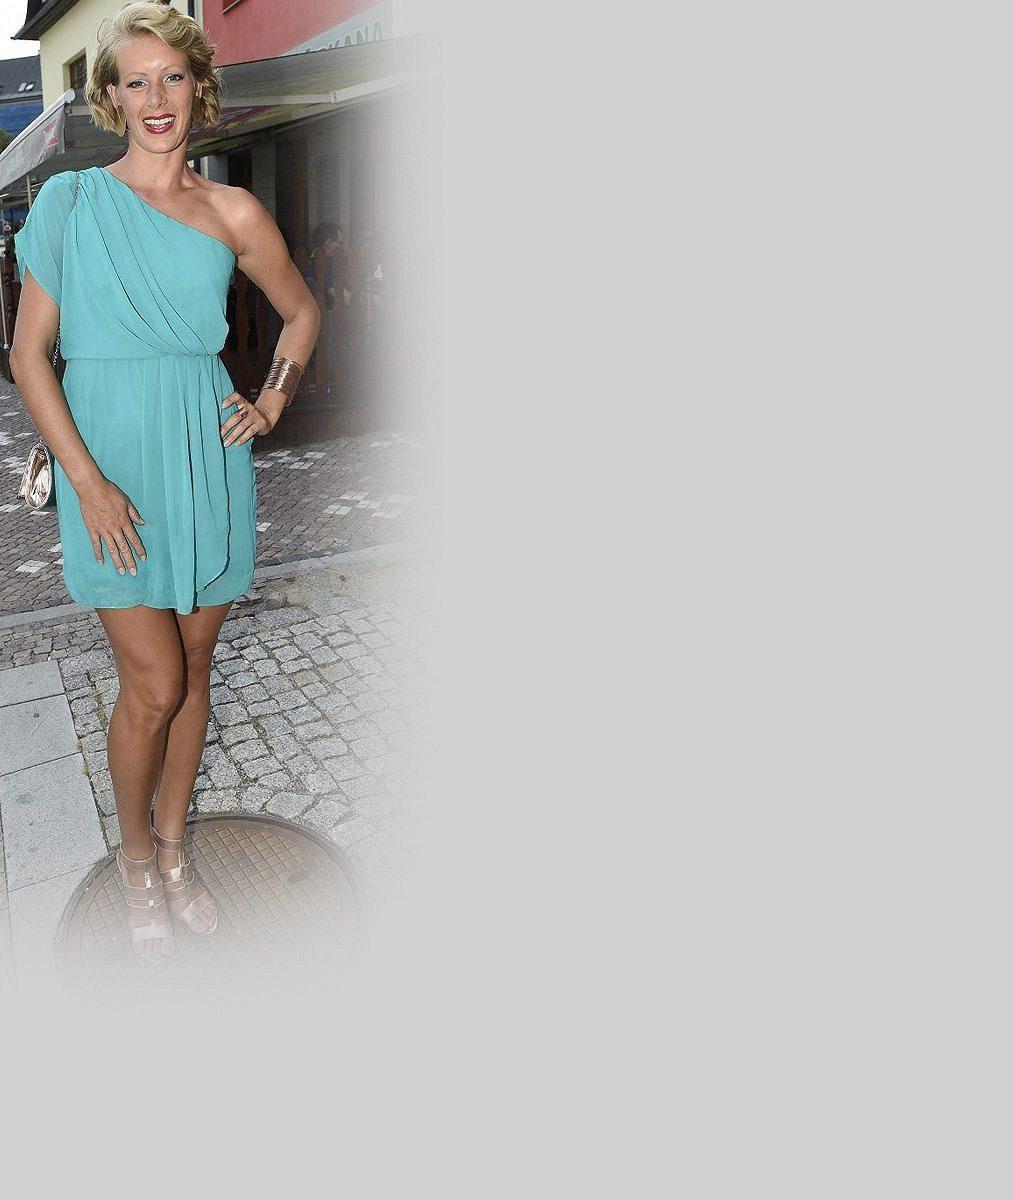 Ve 35 je krásnější než jako teenagerka z Dobré čtvrti: Tahle blondýnka boduje nejkrásnějšíma a nejdelšíma nohama